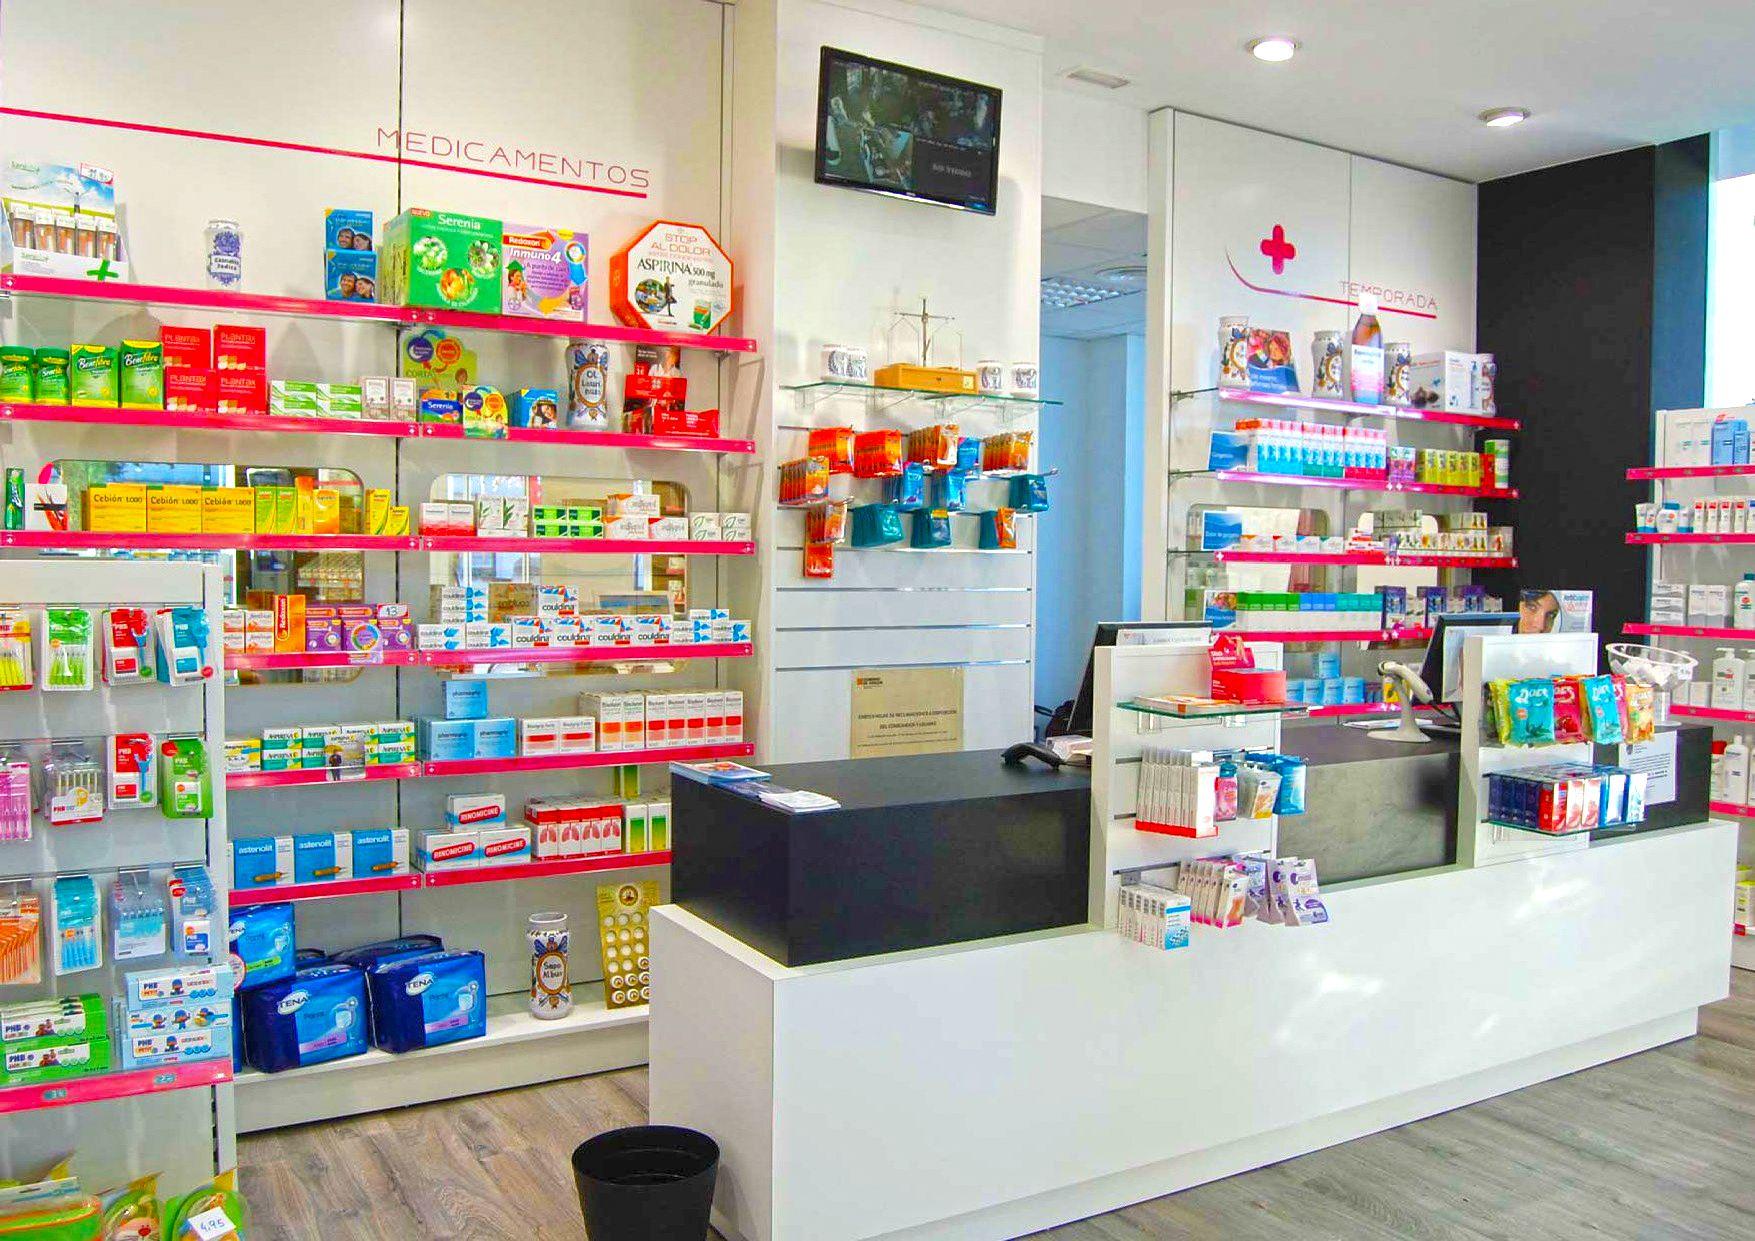 Farmacia Ines Vicente En Zaragoza Diseno Reformas Reforma